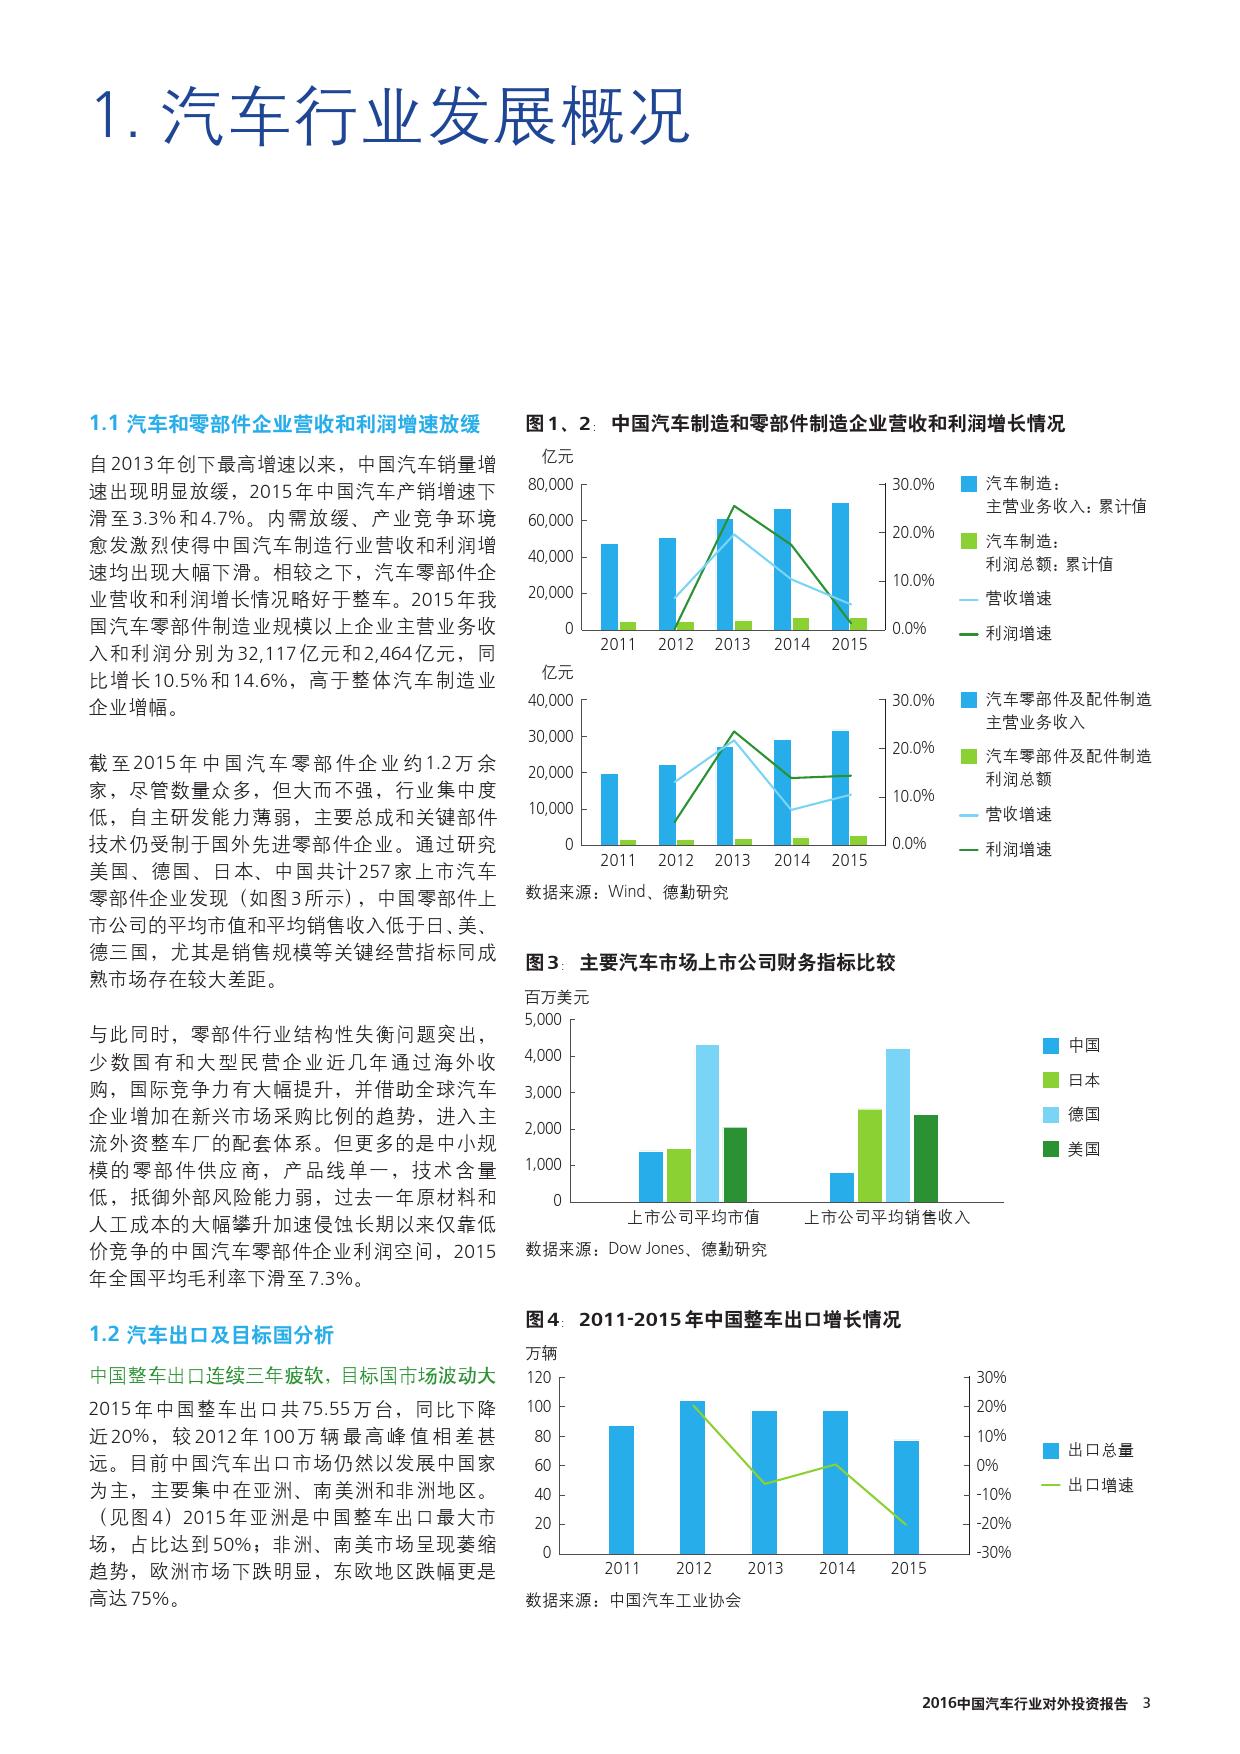 2016中国汽车行业对外投资报告_000005